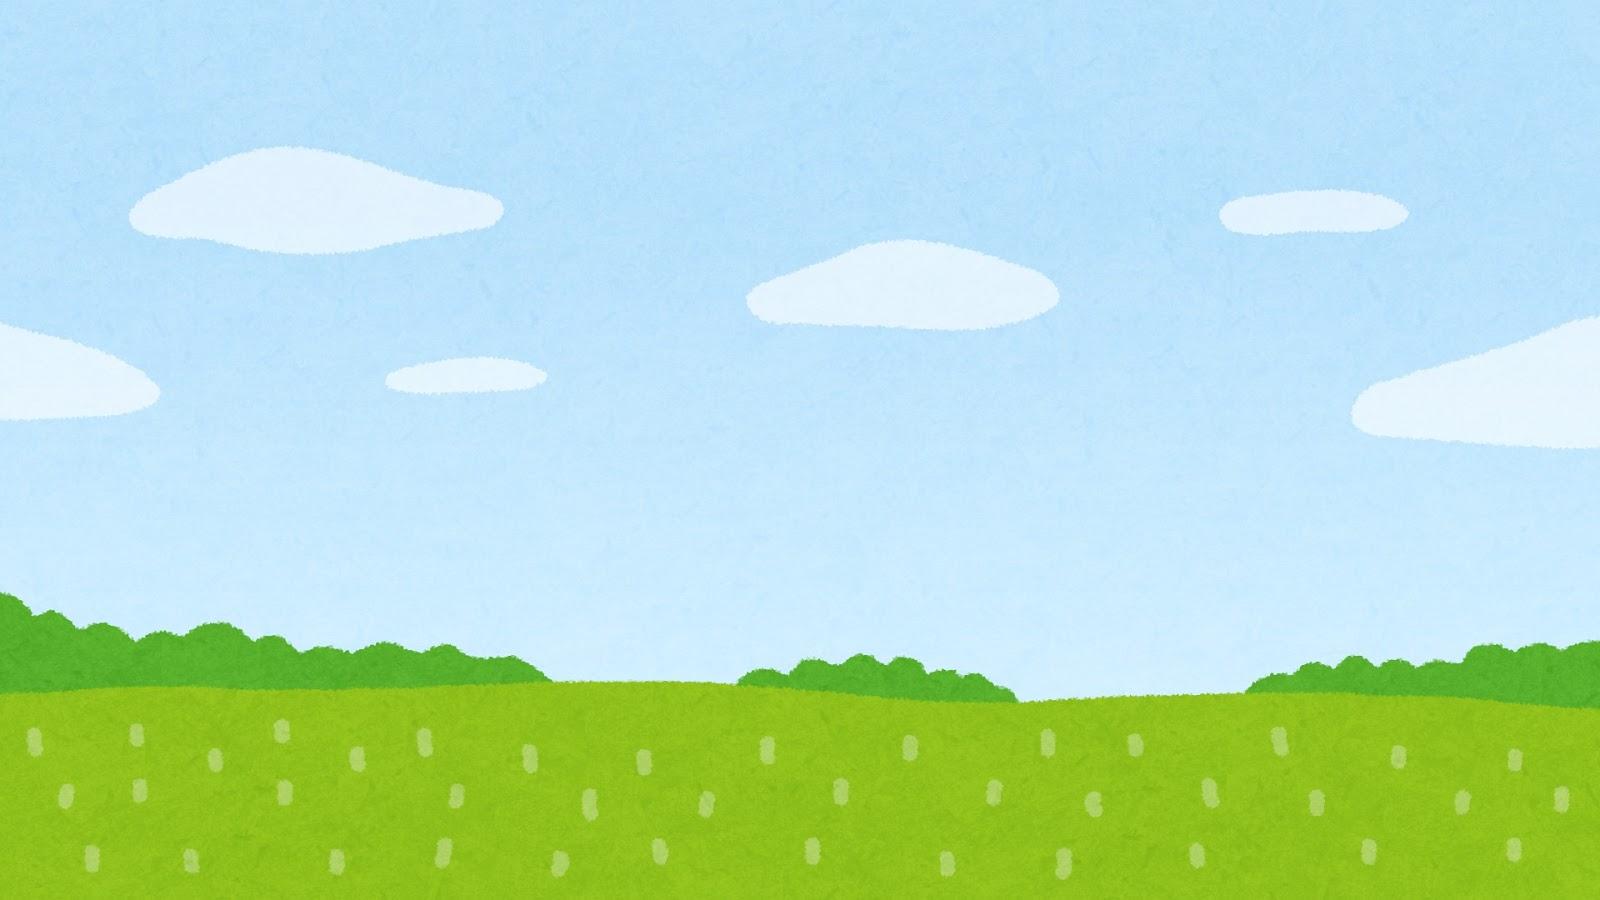 草原のイラスト(背景素材) | かわいいフリー素材集 いらすとや